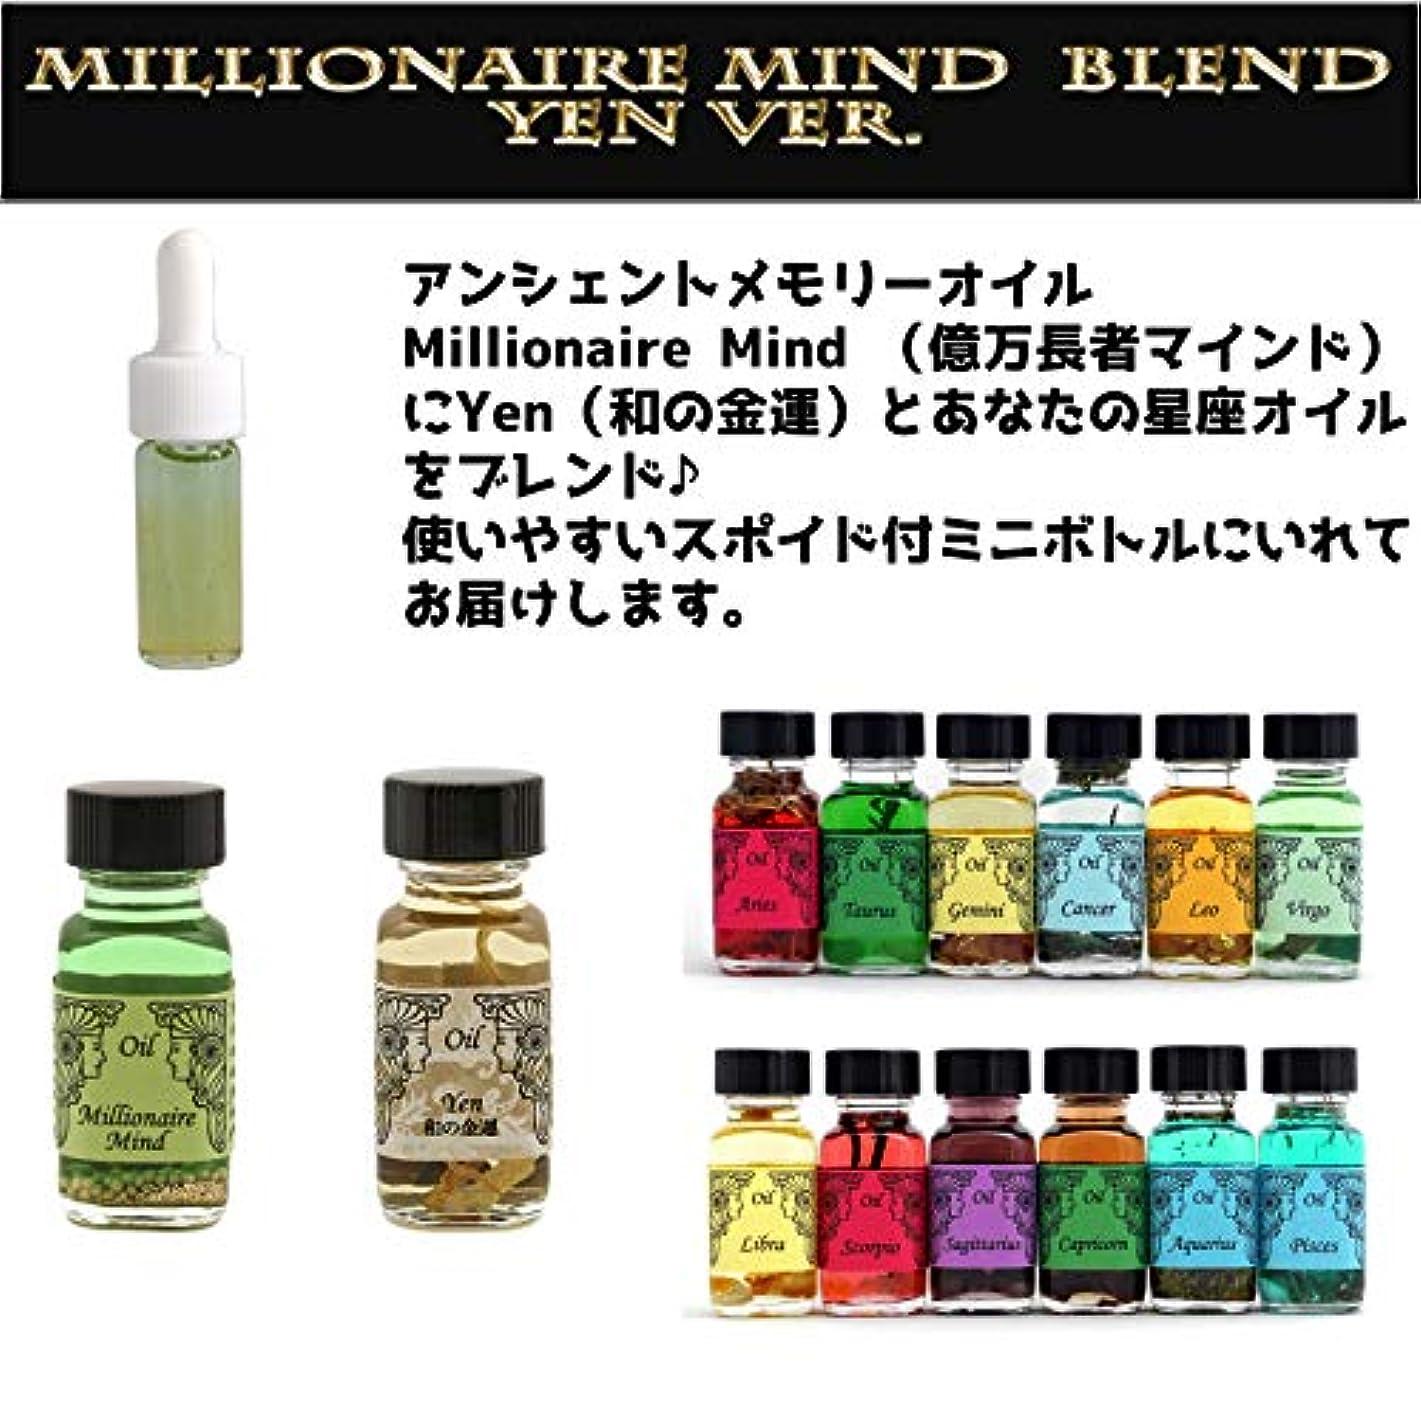 海賊インターネットマウスピースアンシェントメモリーオイル Millionaire Mind 億万長者マインド ブレンド【Yen 和の金運&みずがめ座】